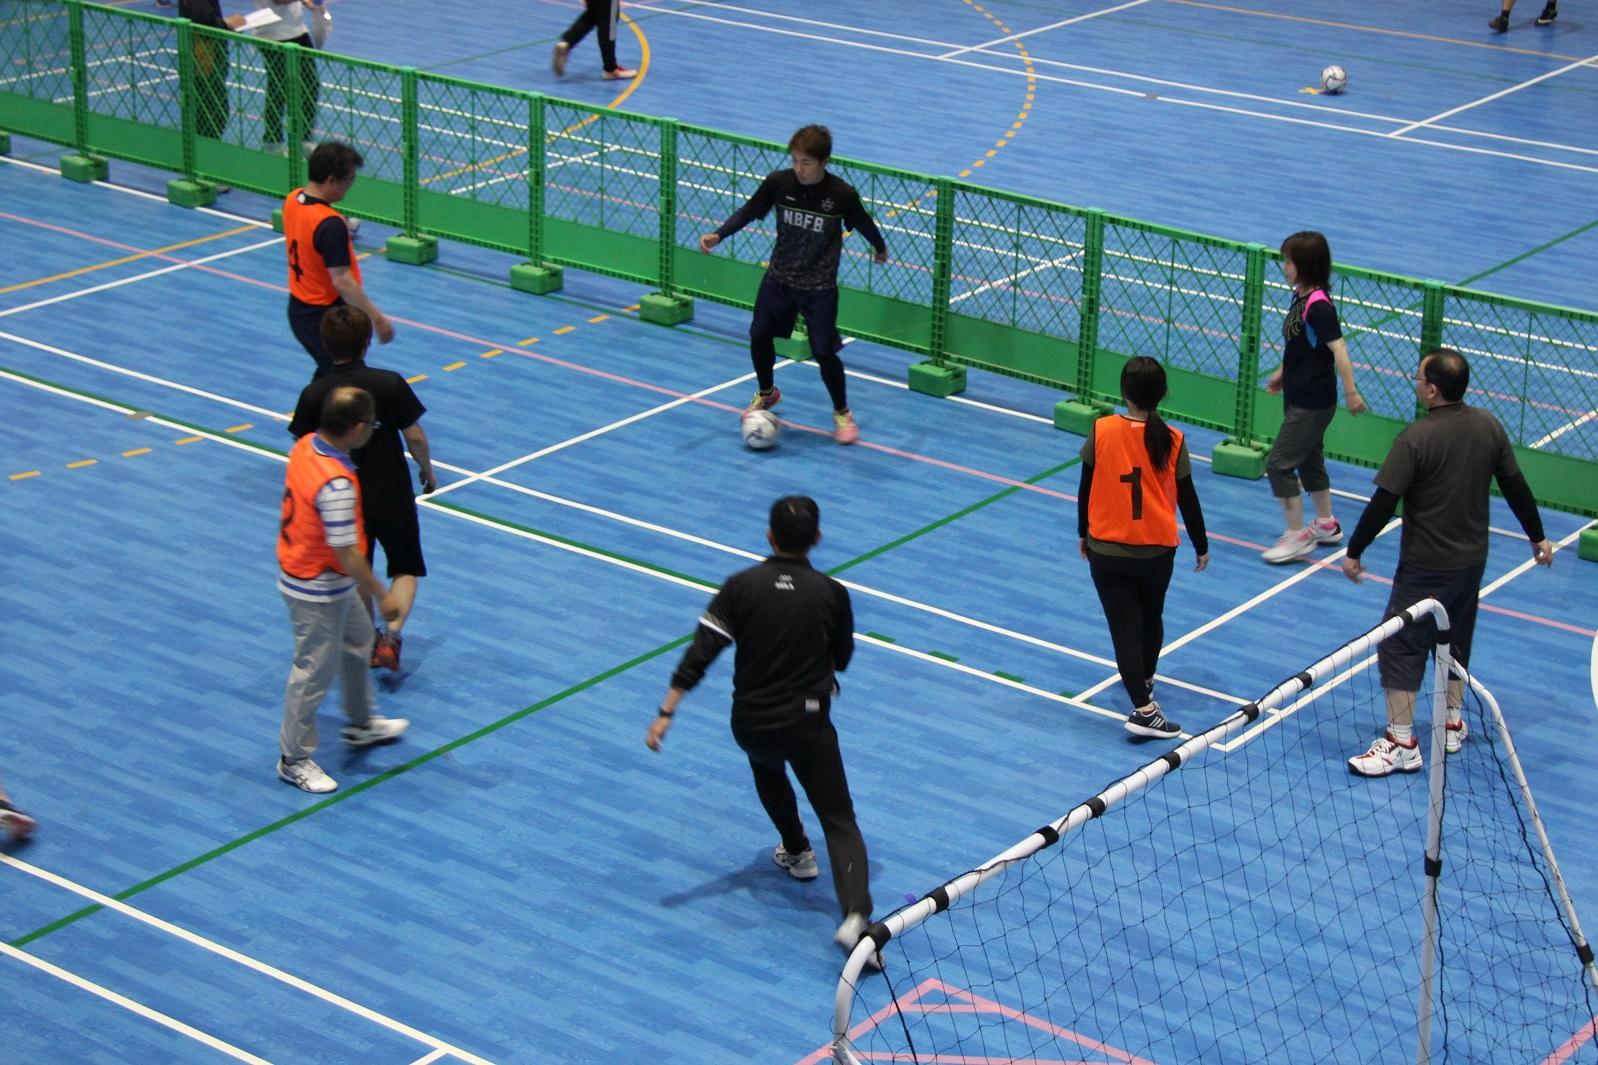 常石グループ 2019年度春季スポーツ大会を開催 ~ウォーキングサッカーを通じて交流を深める~